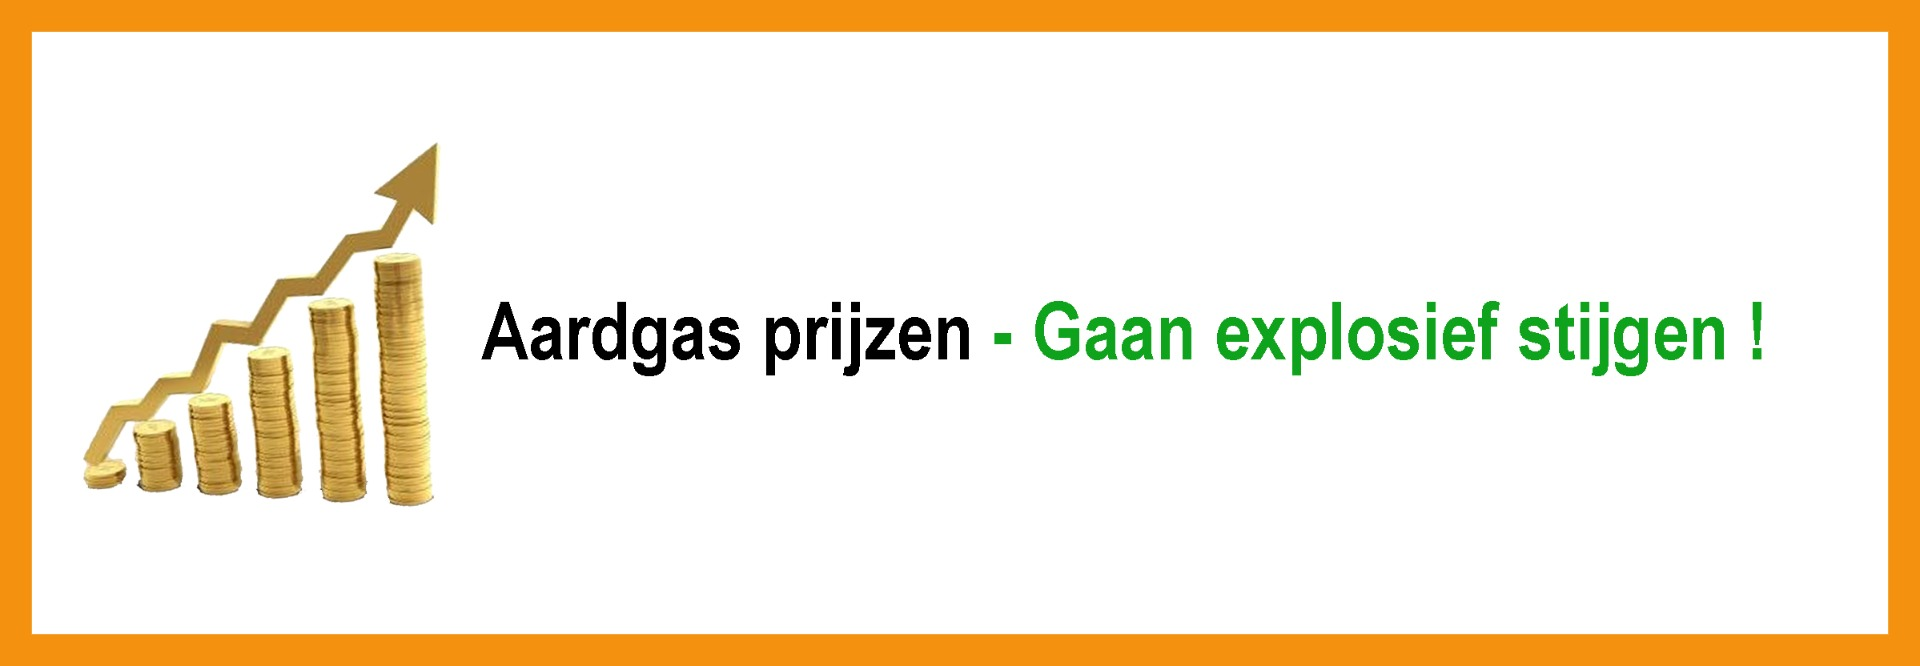 Aardgas prijzen